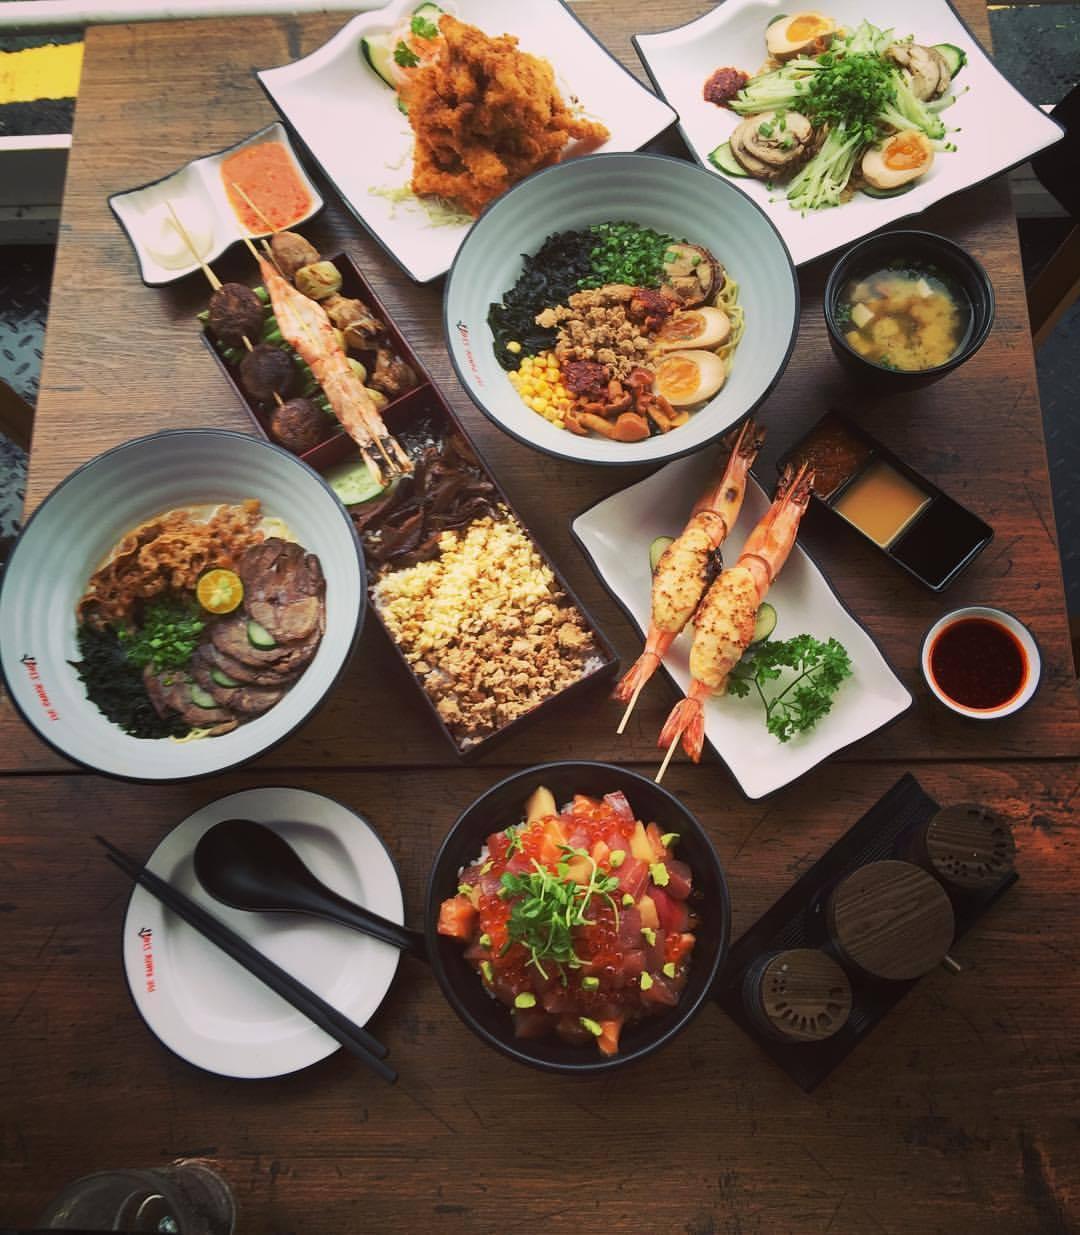 ハラルOKの日本食レストラン?!「The Ramen Stall」